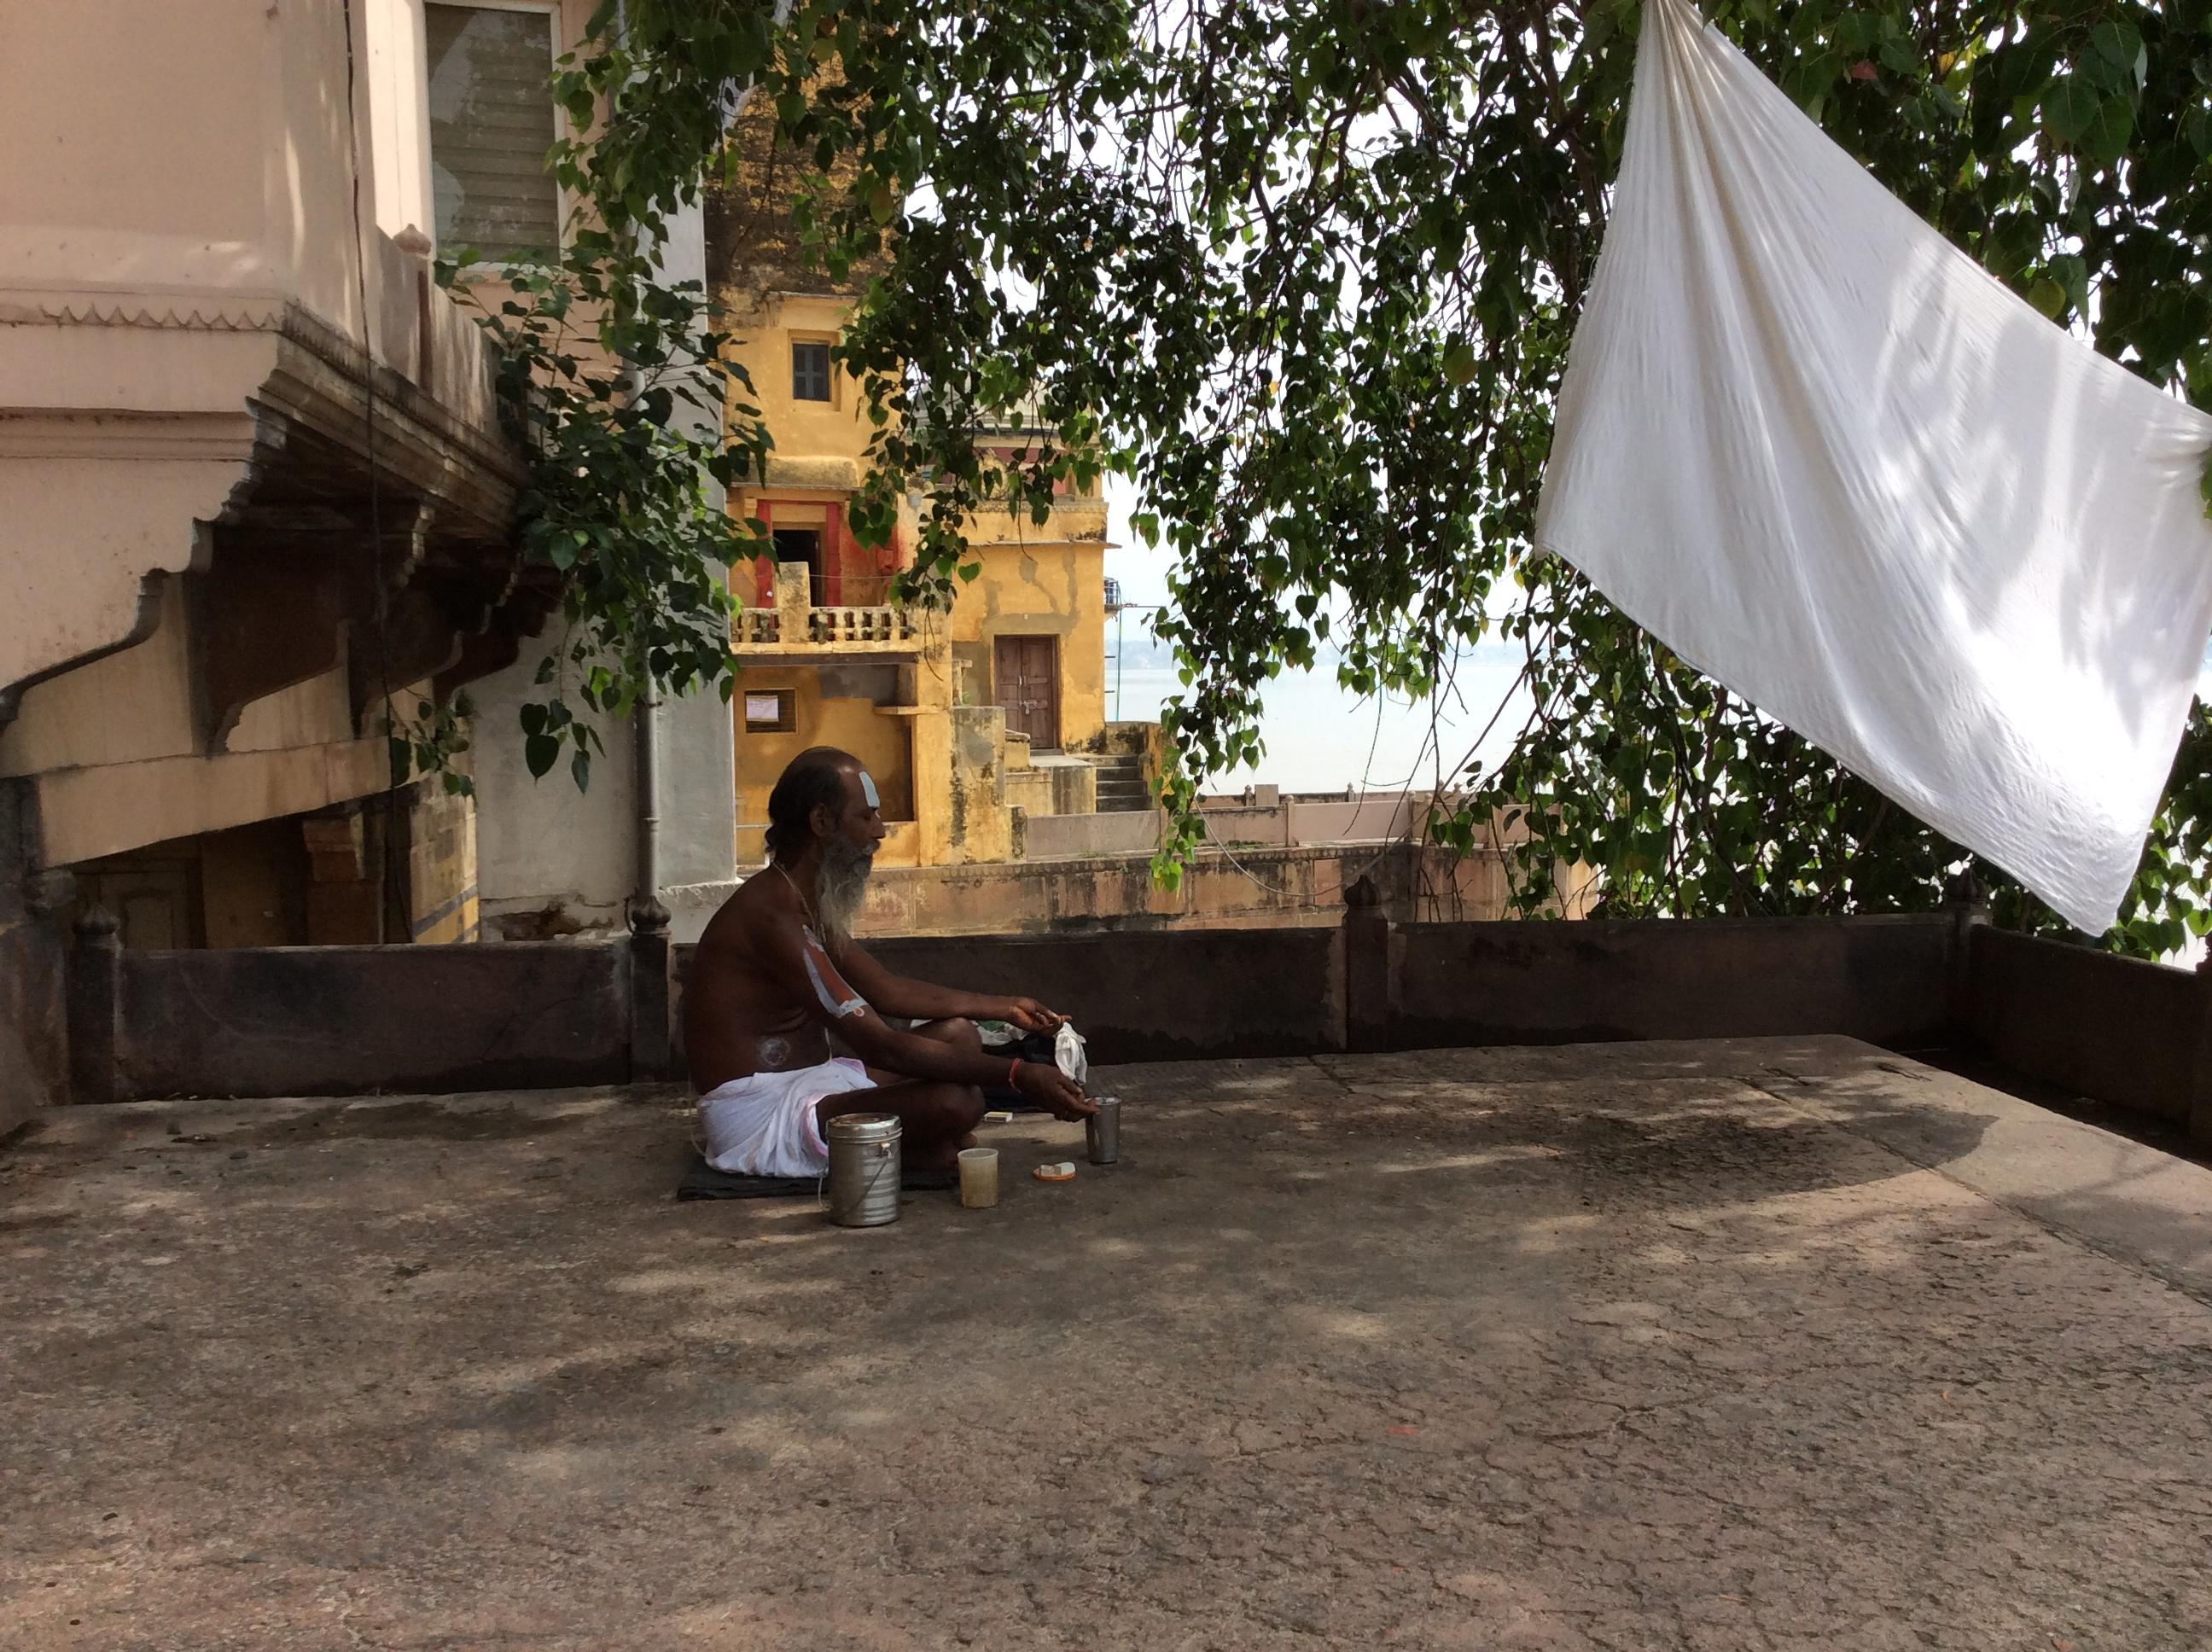 Ein Saddhu meditiert mit Blick auf Mutter Ganges. Das Leintuch vor ihm weht im warmen Wind.